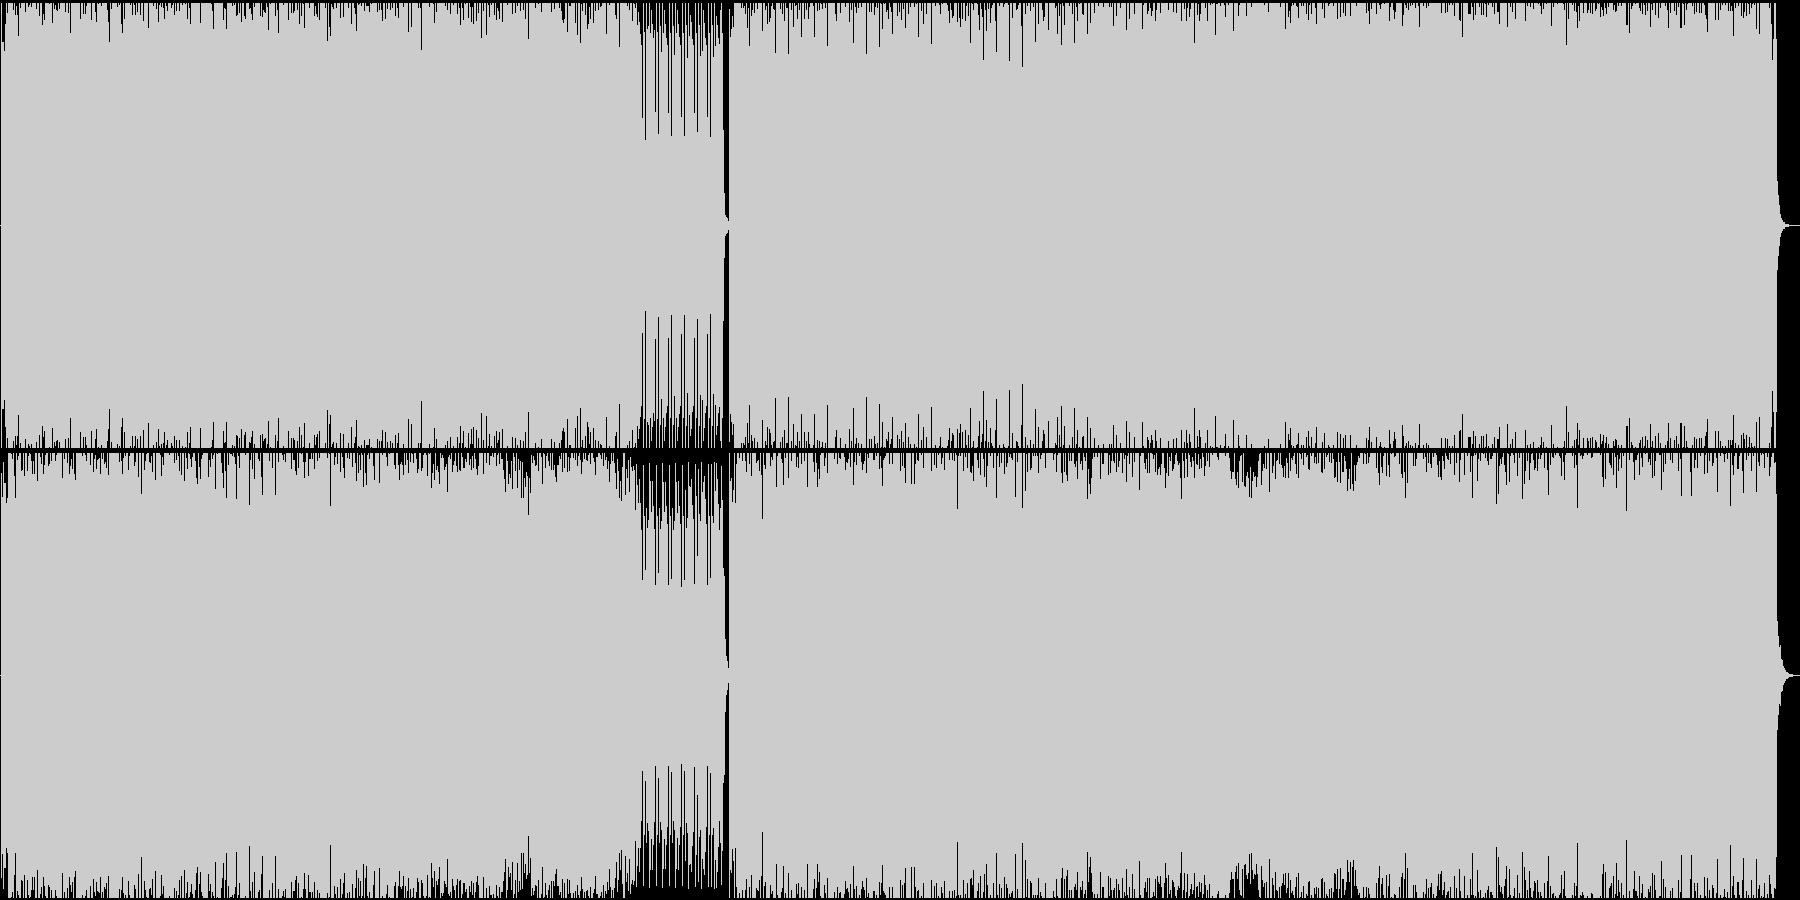 歪んだベースが印象的なテクノ♪の未再生の波形